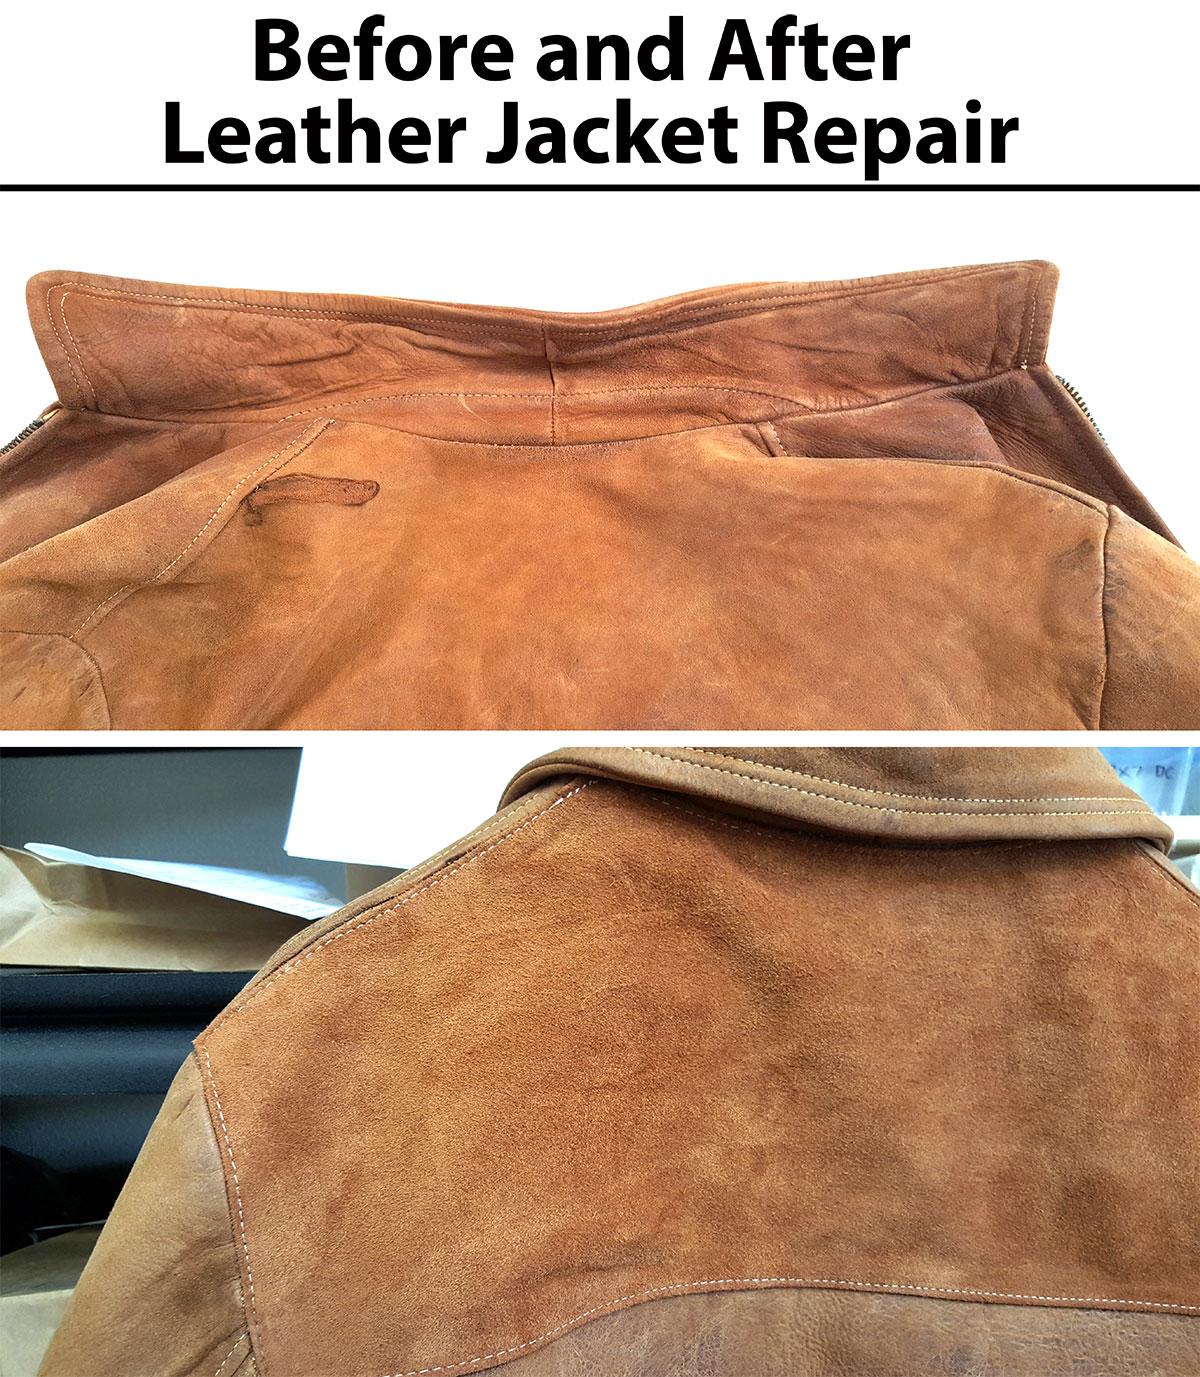 leather-jacket-repair